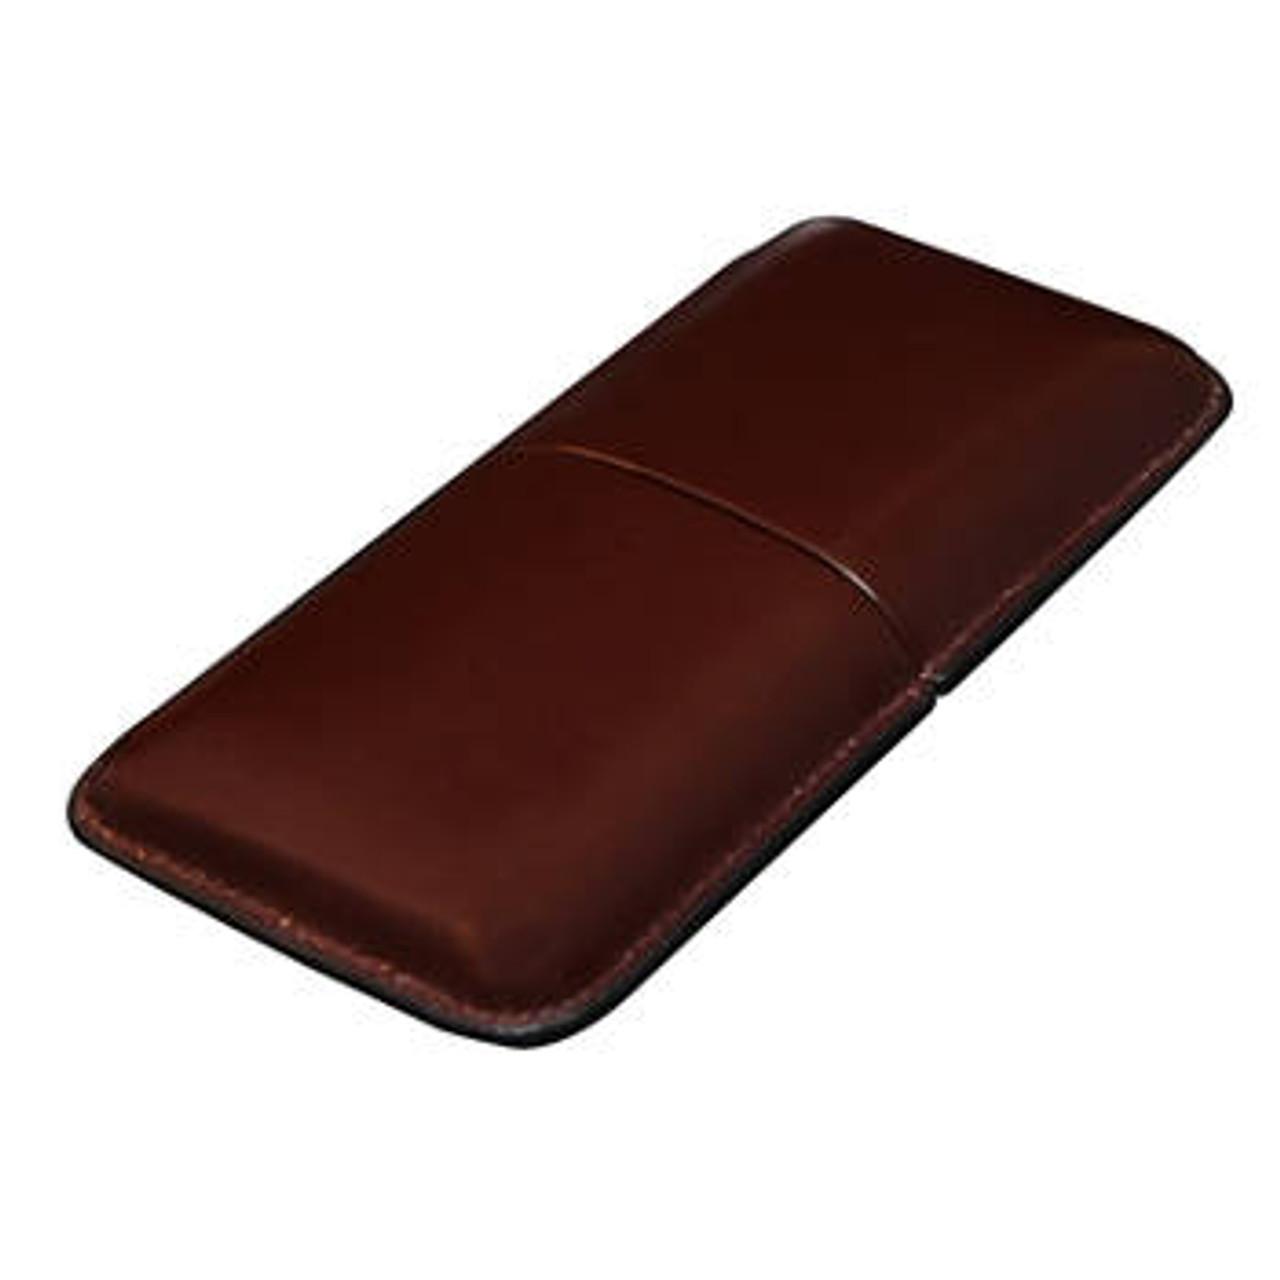 Firkin-170B 3 Finger Leather Case